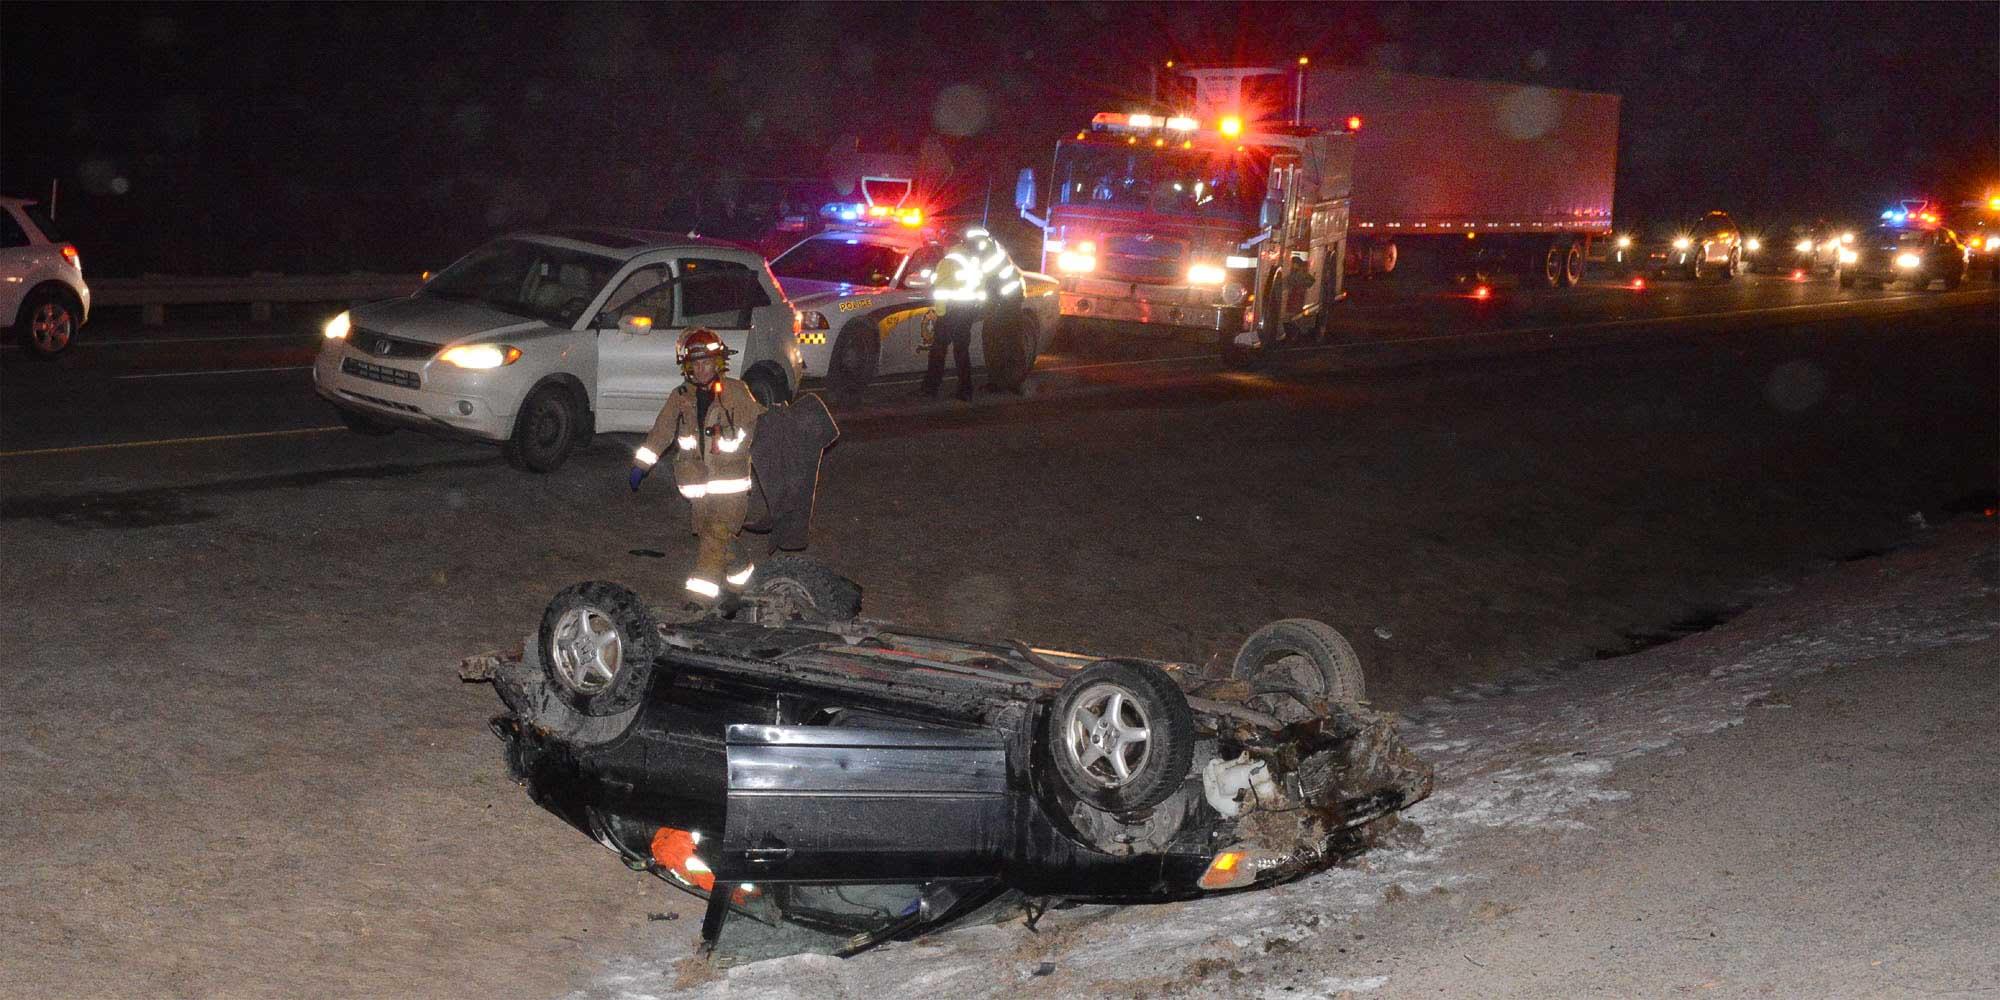 L'accident a ralenti le trafic sur près de 5 kilomètres, du Carrefour du Nord jusqu'à peu avant la Porte du Nord. Photos par André Bernier